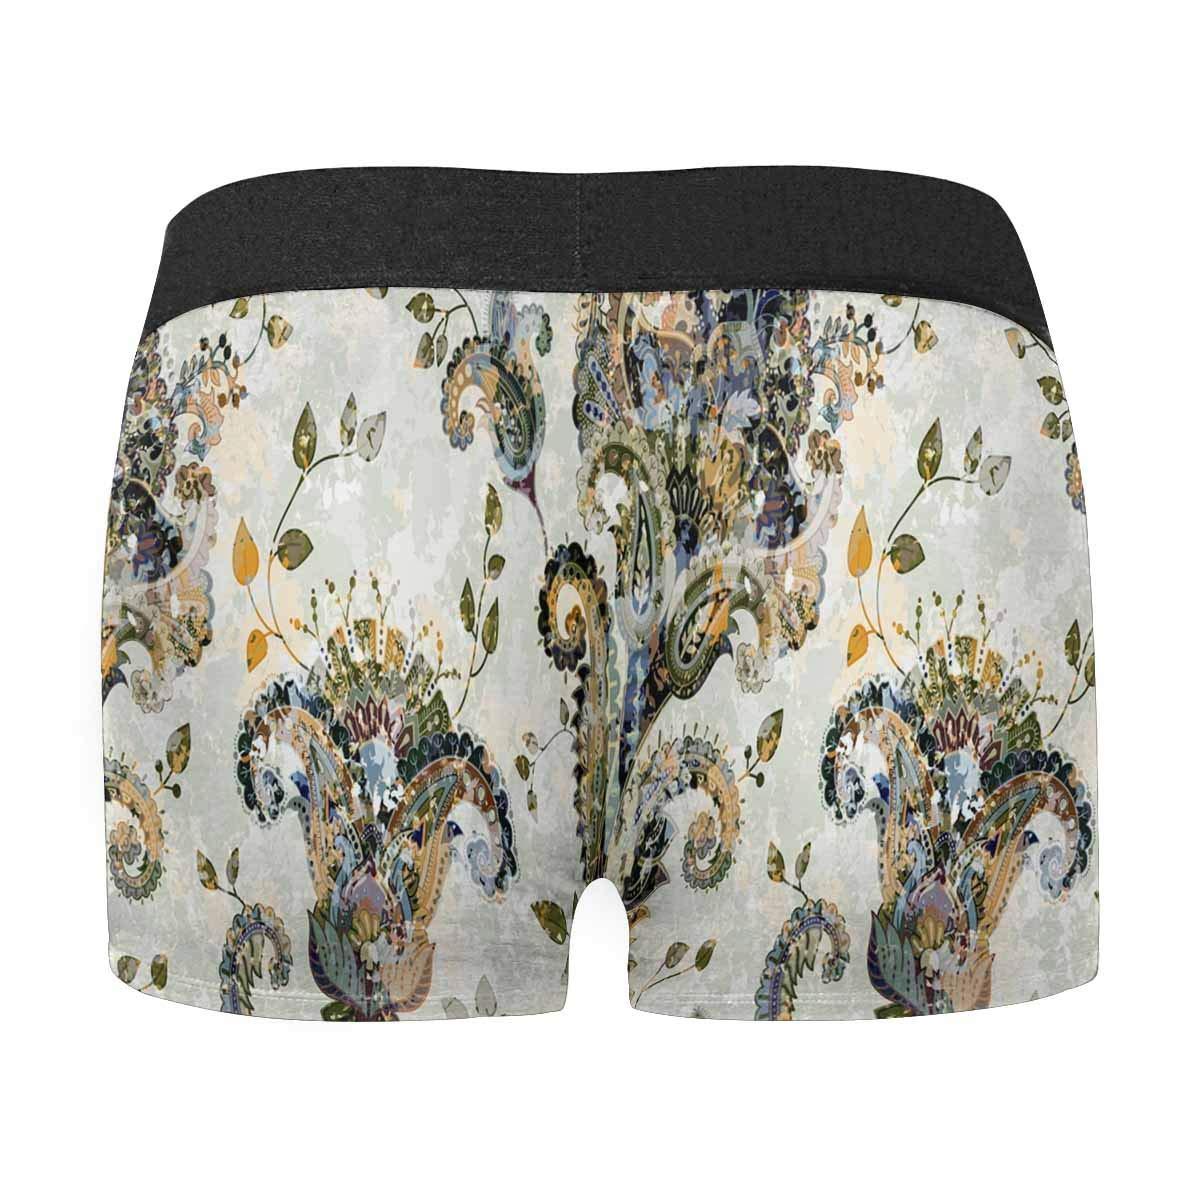 INTERESTPRINT Boxer Briefs Mens Underwear Paisley Floral Ethnic XS-3XL